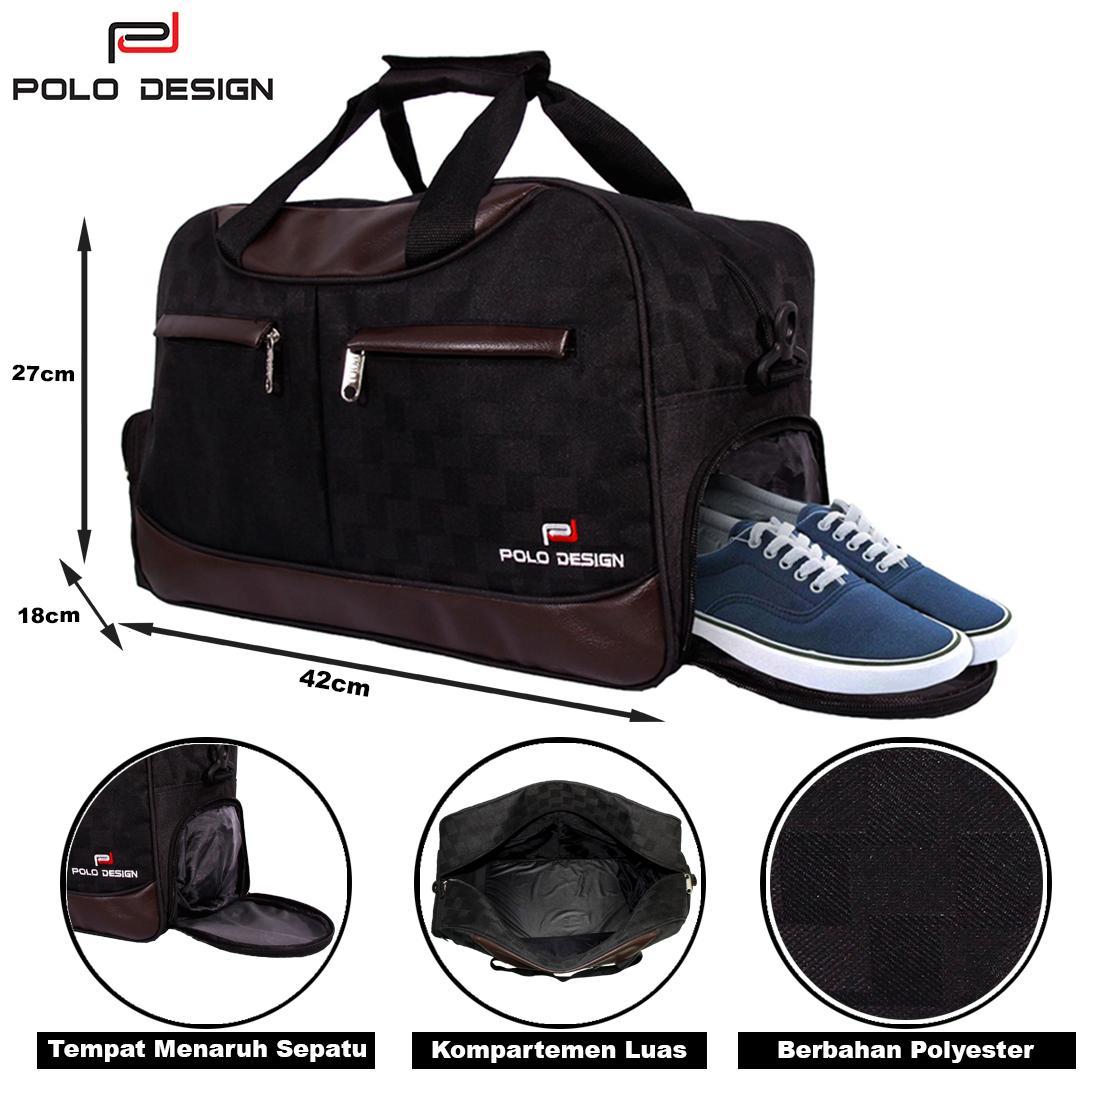 Tas Sepatu Sandal Olahraga Wisata Futsal / Monopoly Shoes Pouch Ver 3 . Source · Polo